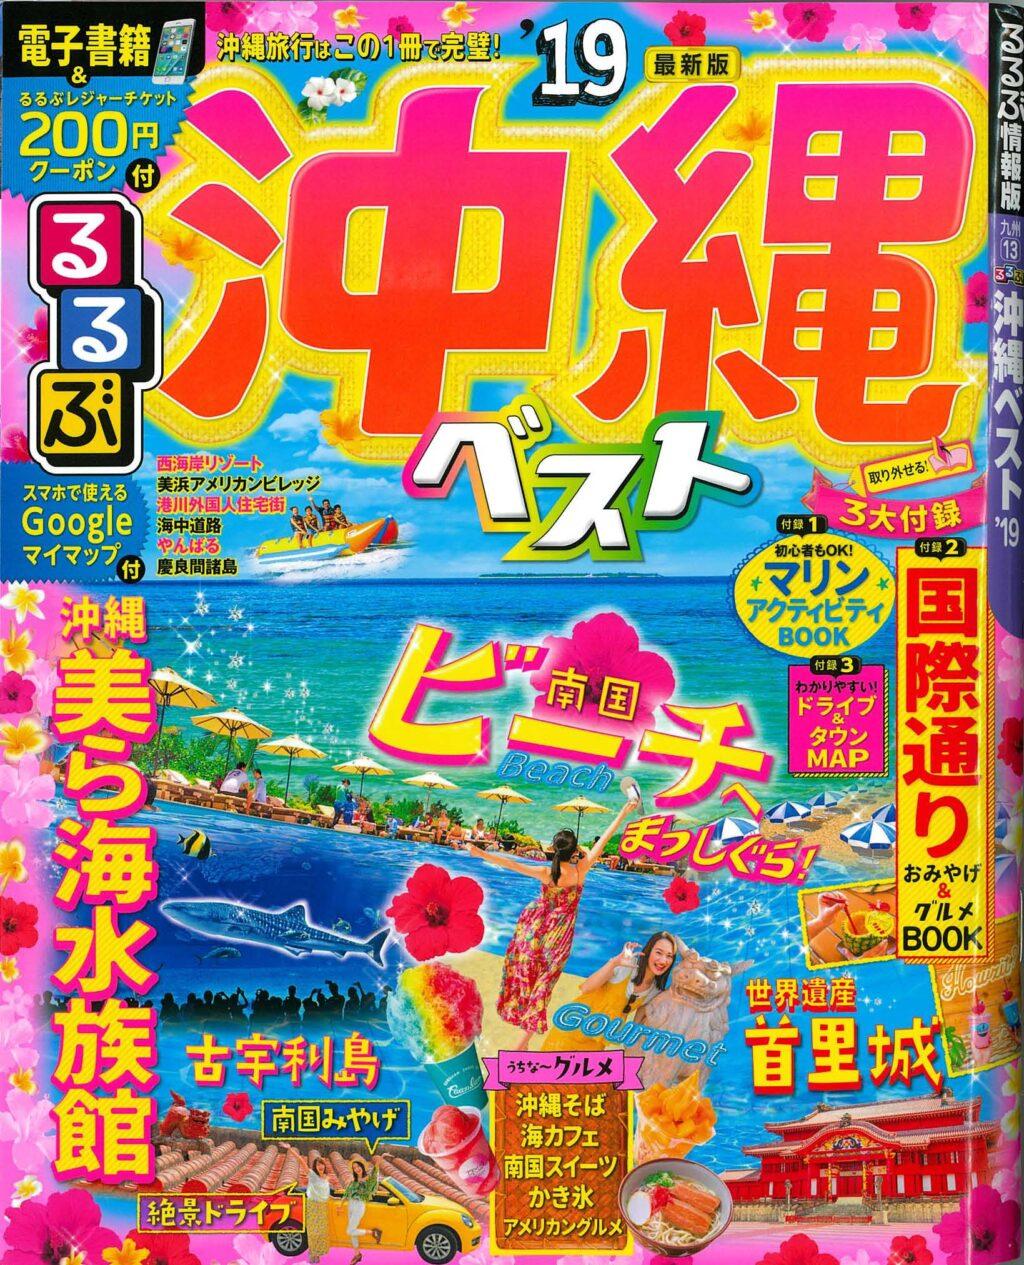 るるぶ 沖縄 ベスト'19